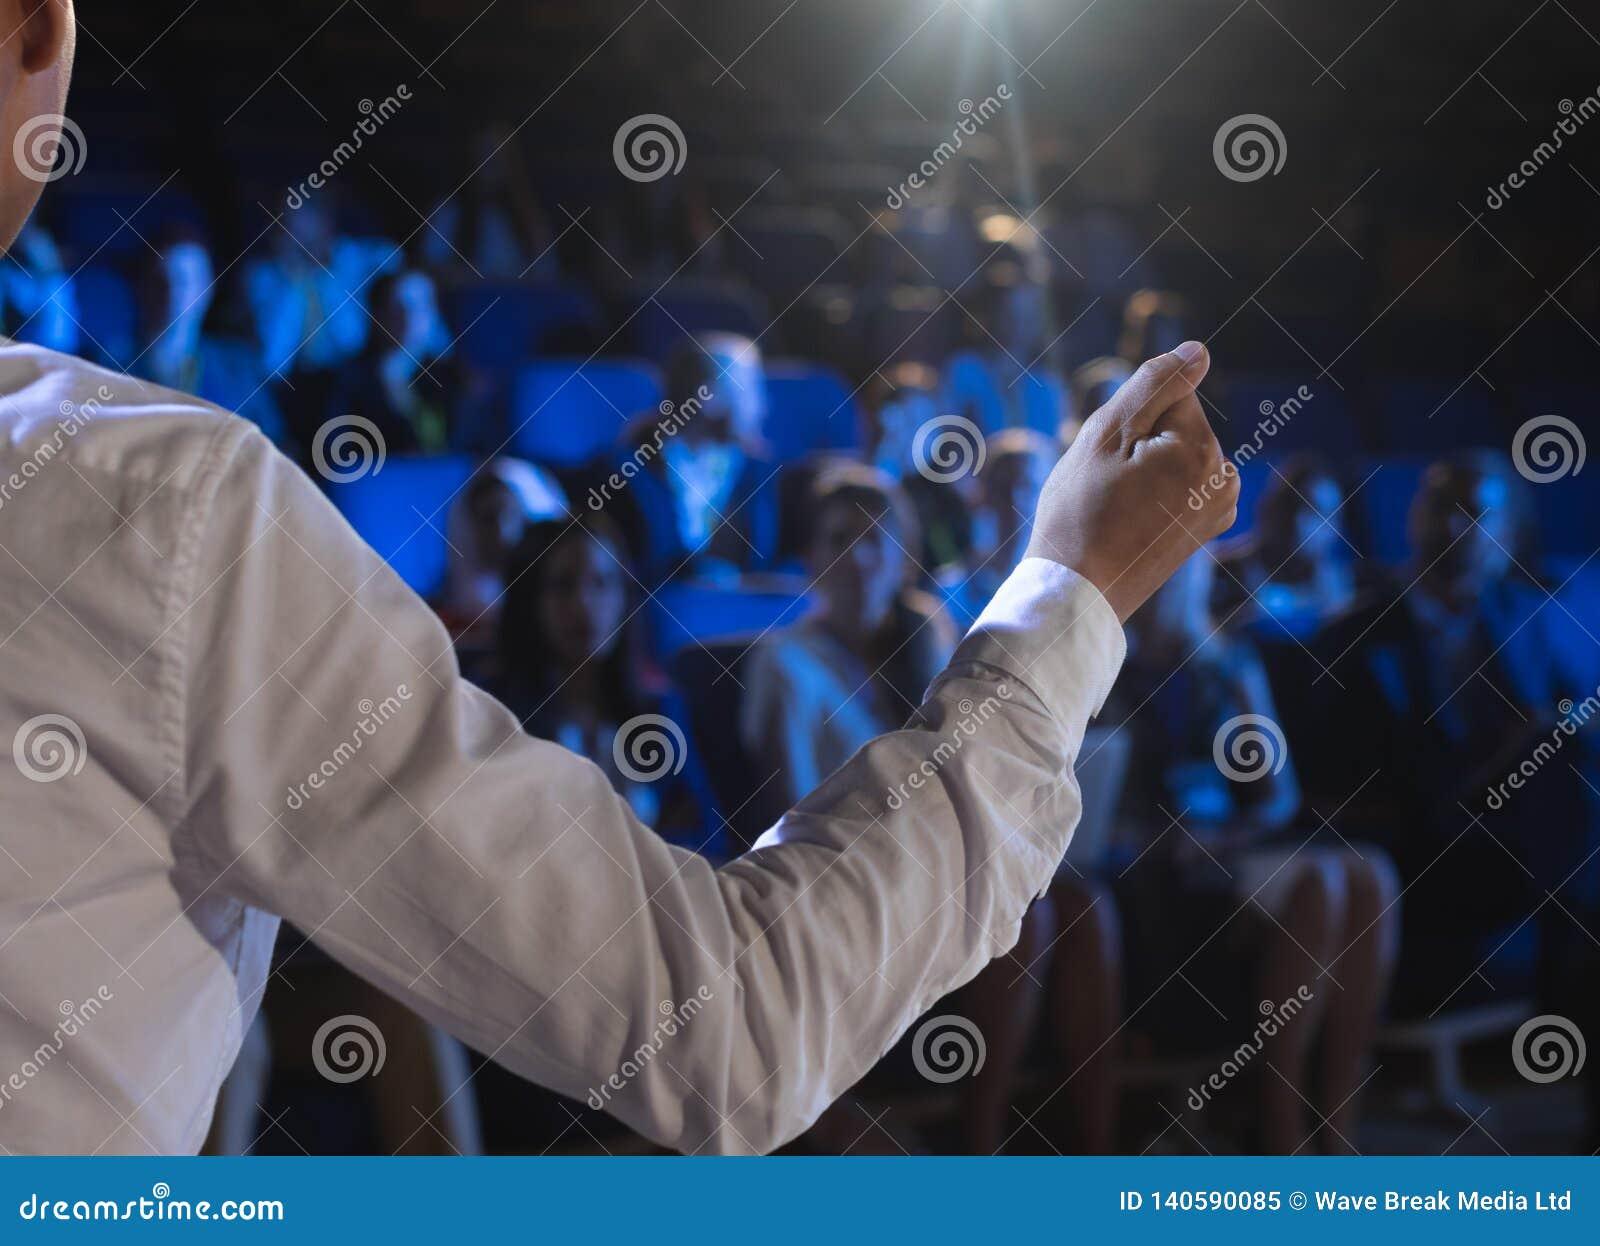 Biznesmen daje prezentacji przed widownią w audytorium